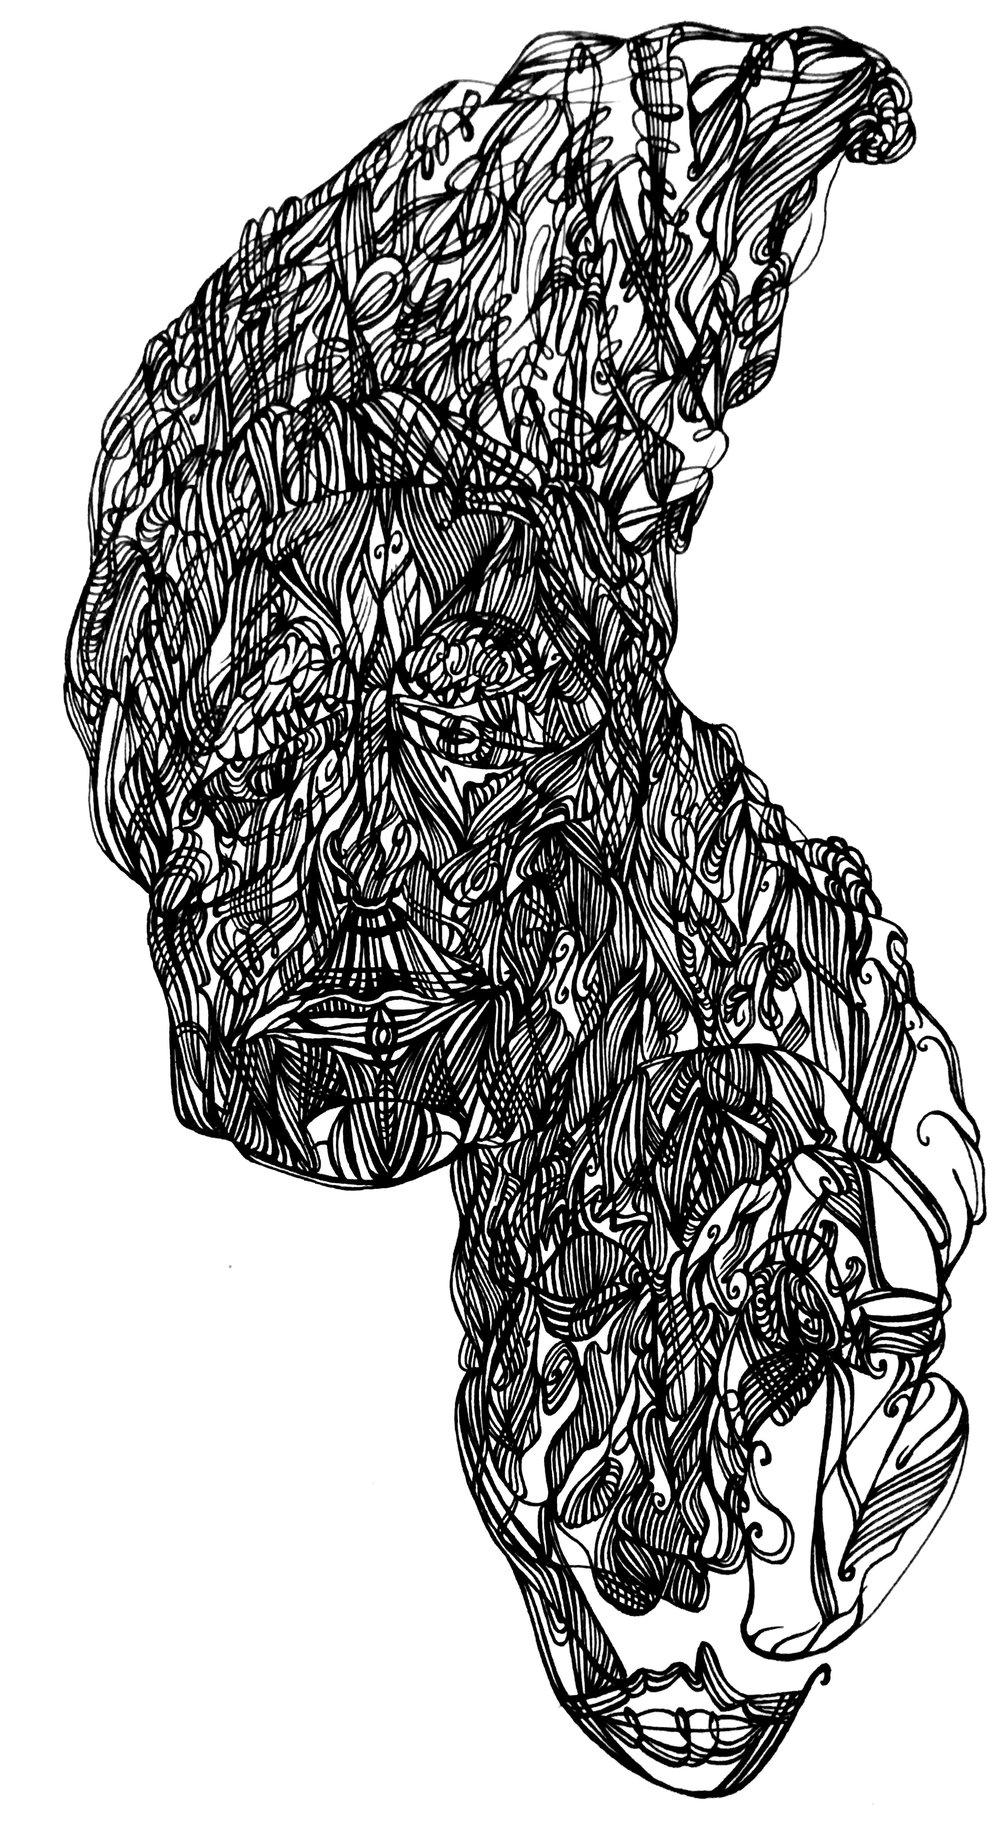 zen image 1.jpg